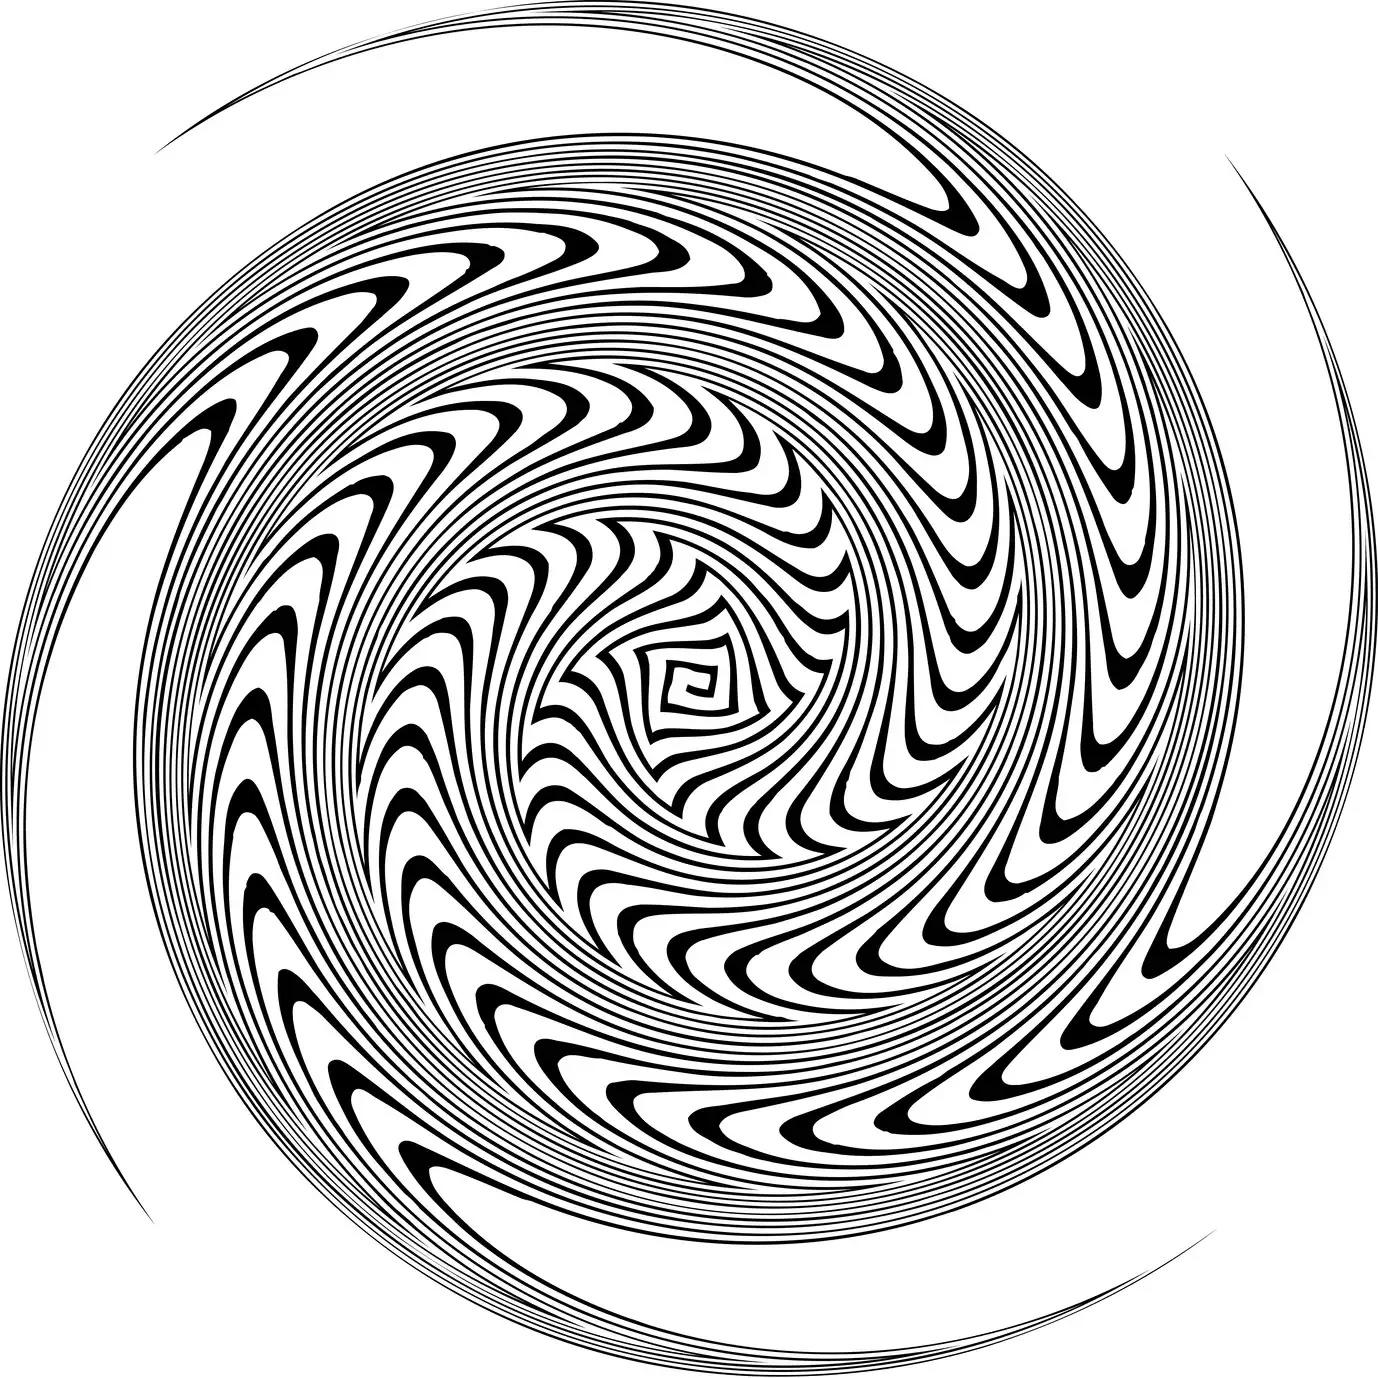 Mandalas avec motifs g om triques 100 mandalas zen anti stress mandala a colorier motifs - Coloriage fleur geometrique ...